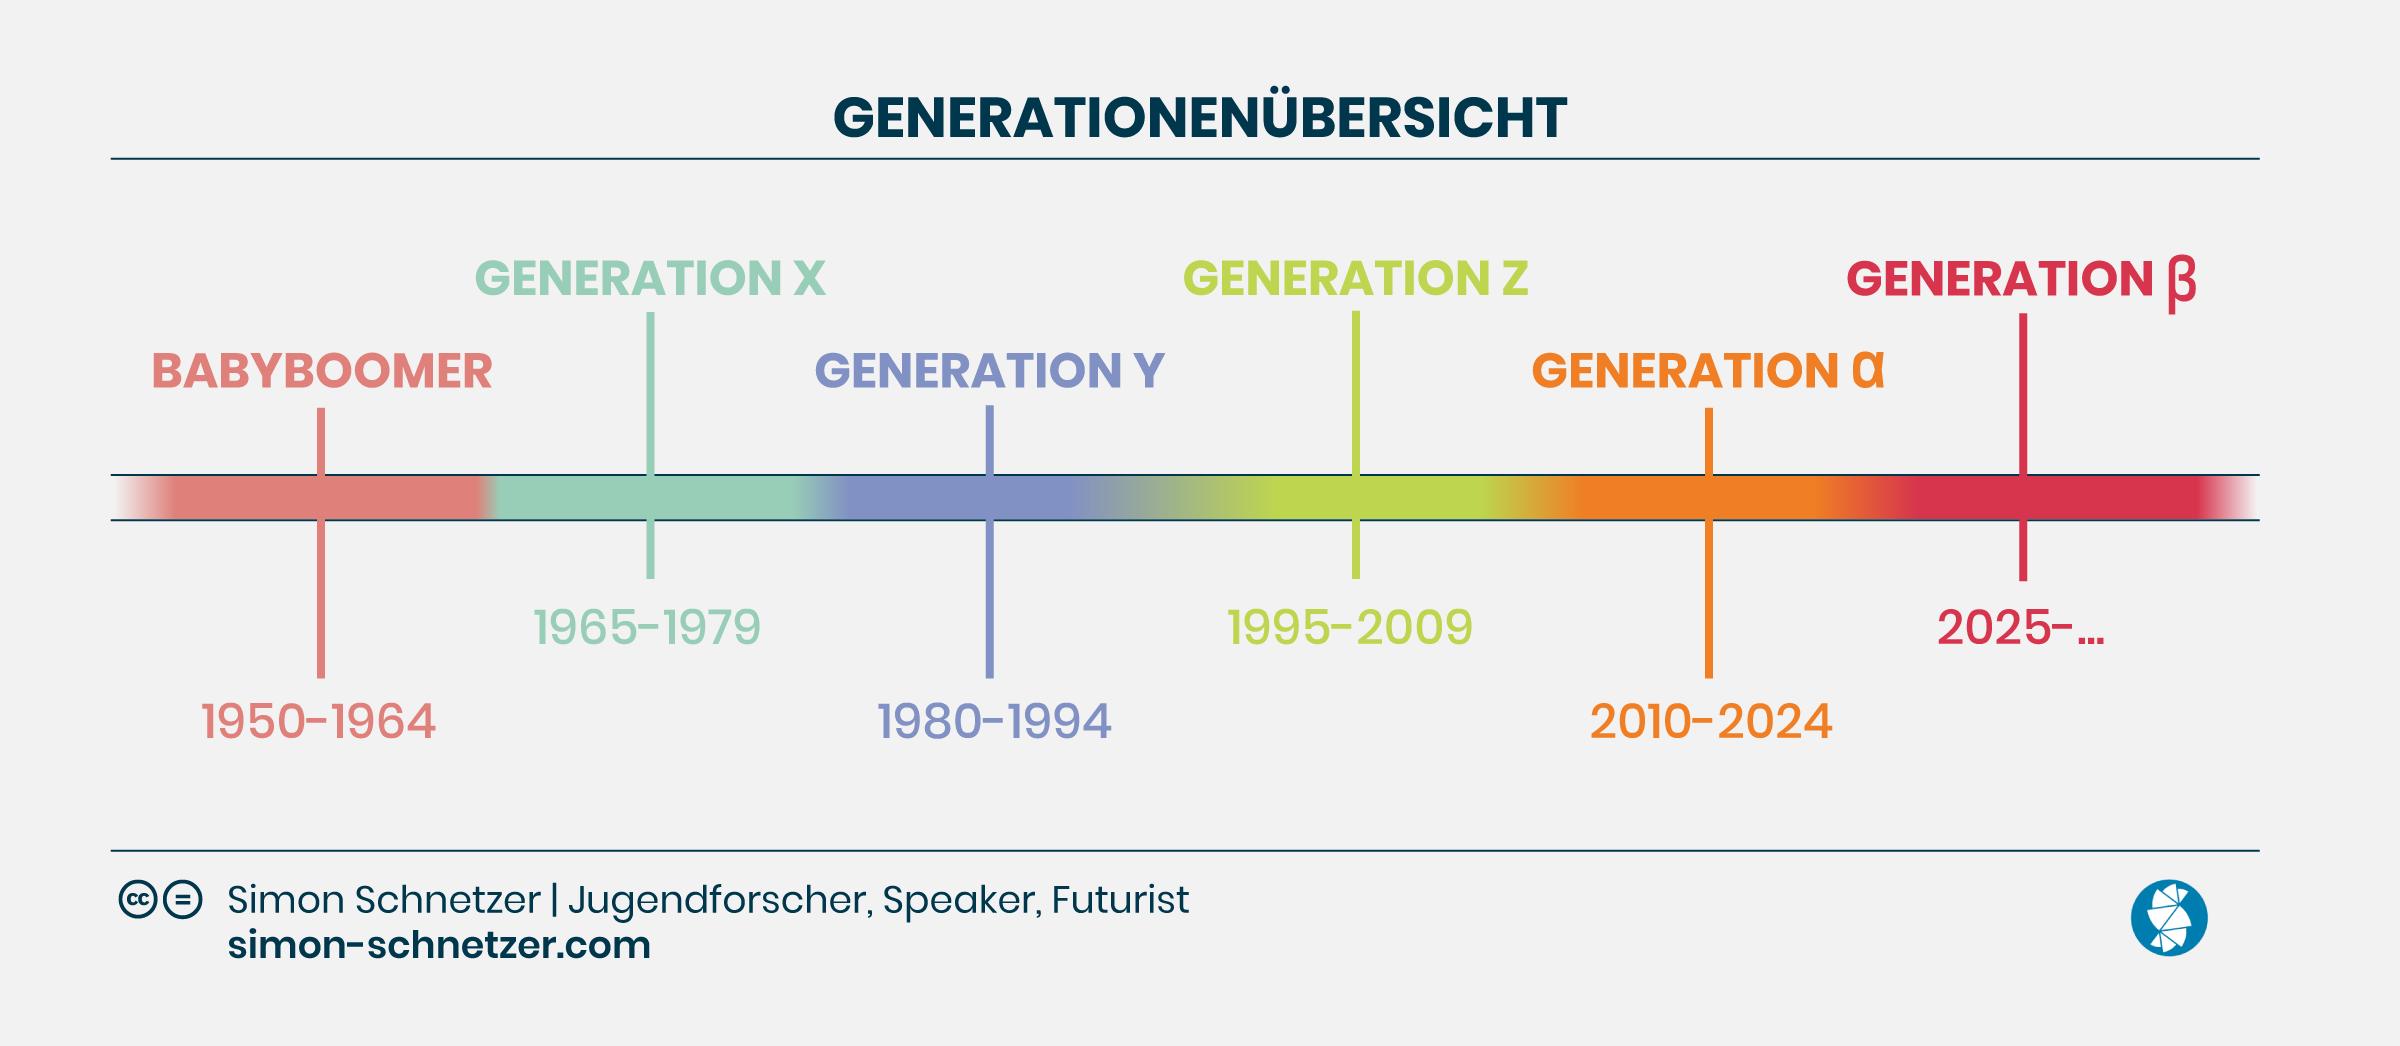 Generationenübersicht Zeitstrahl Simon Schnetzer Jugendforscher 2400